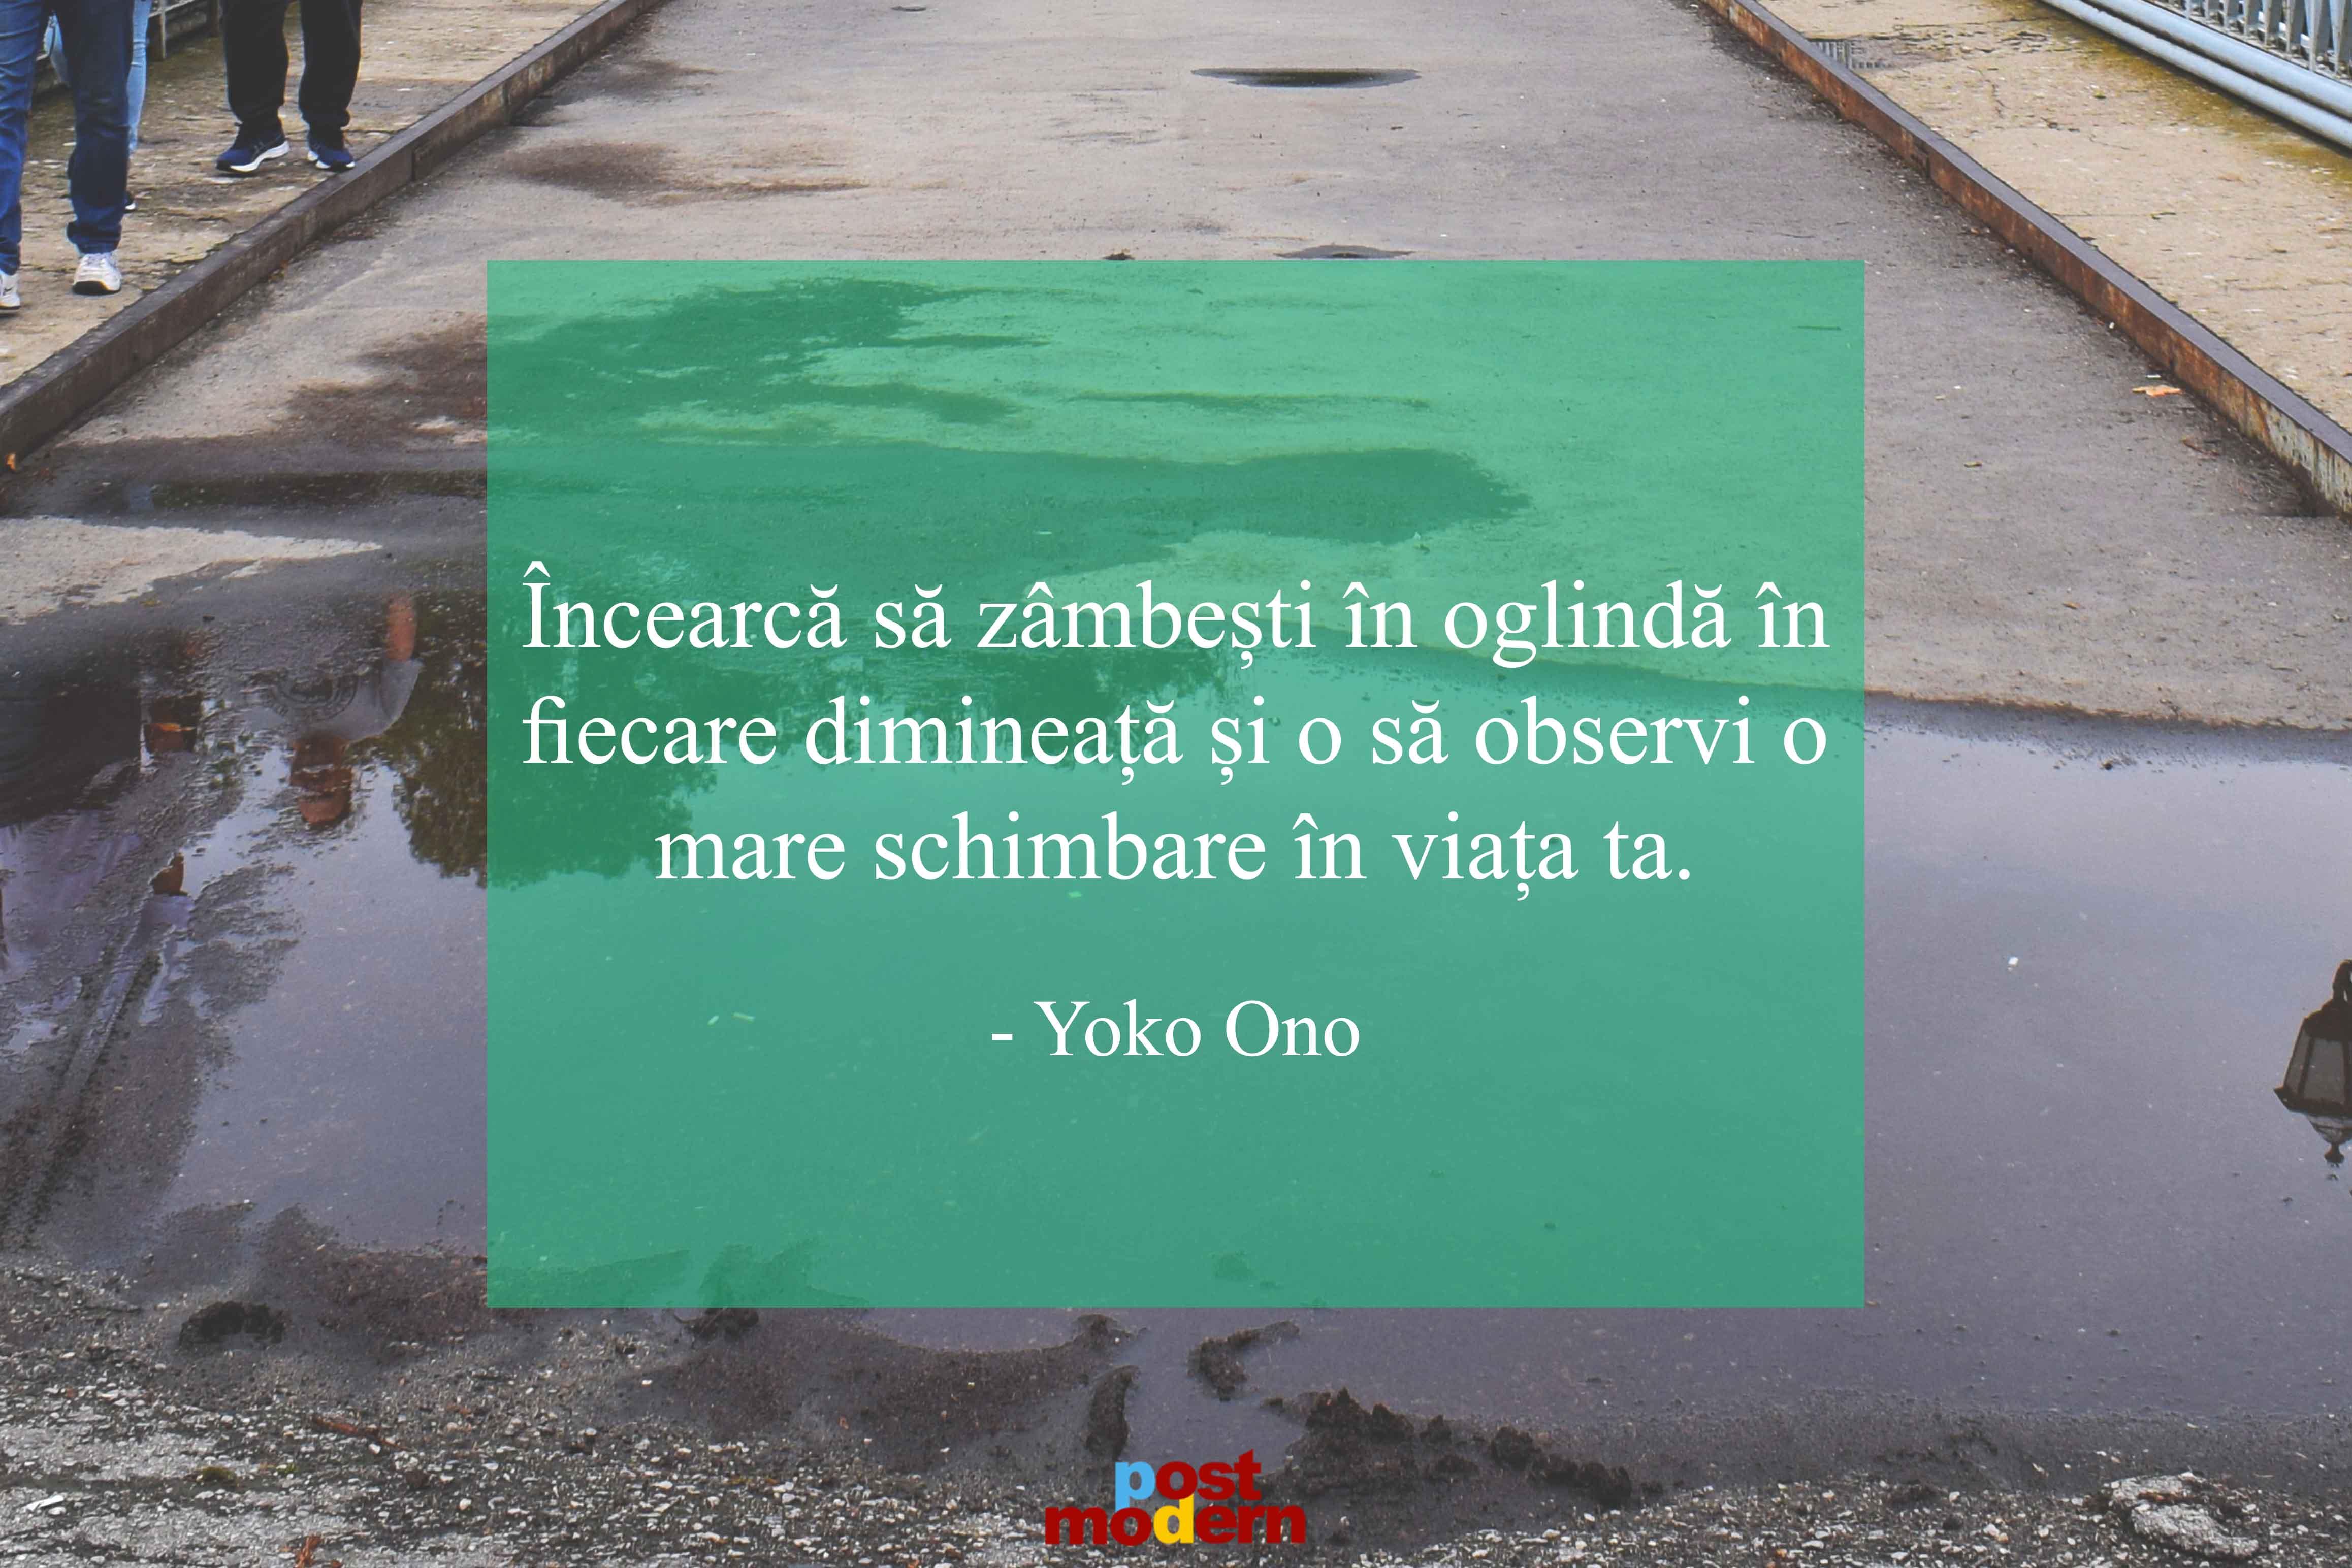 Yoko Ono citate zambete